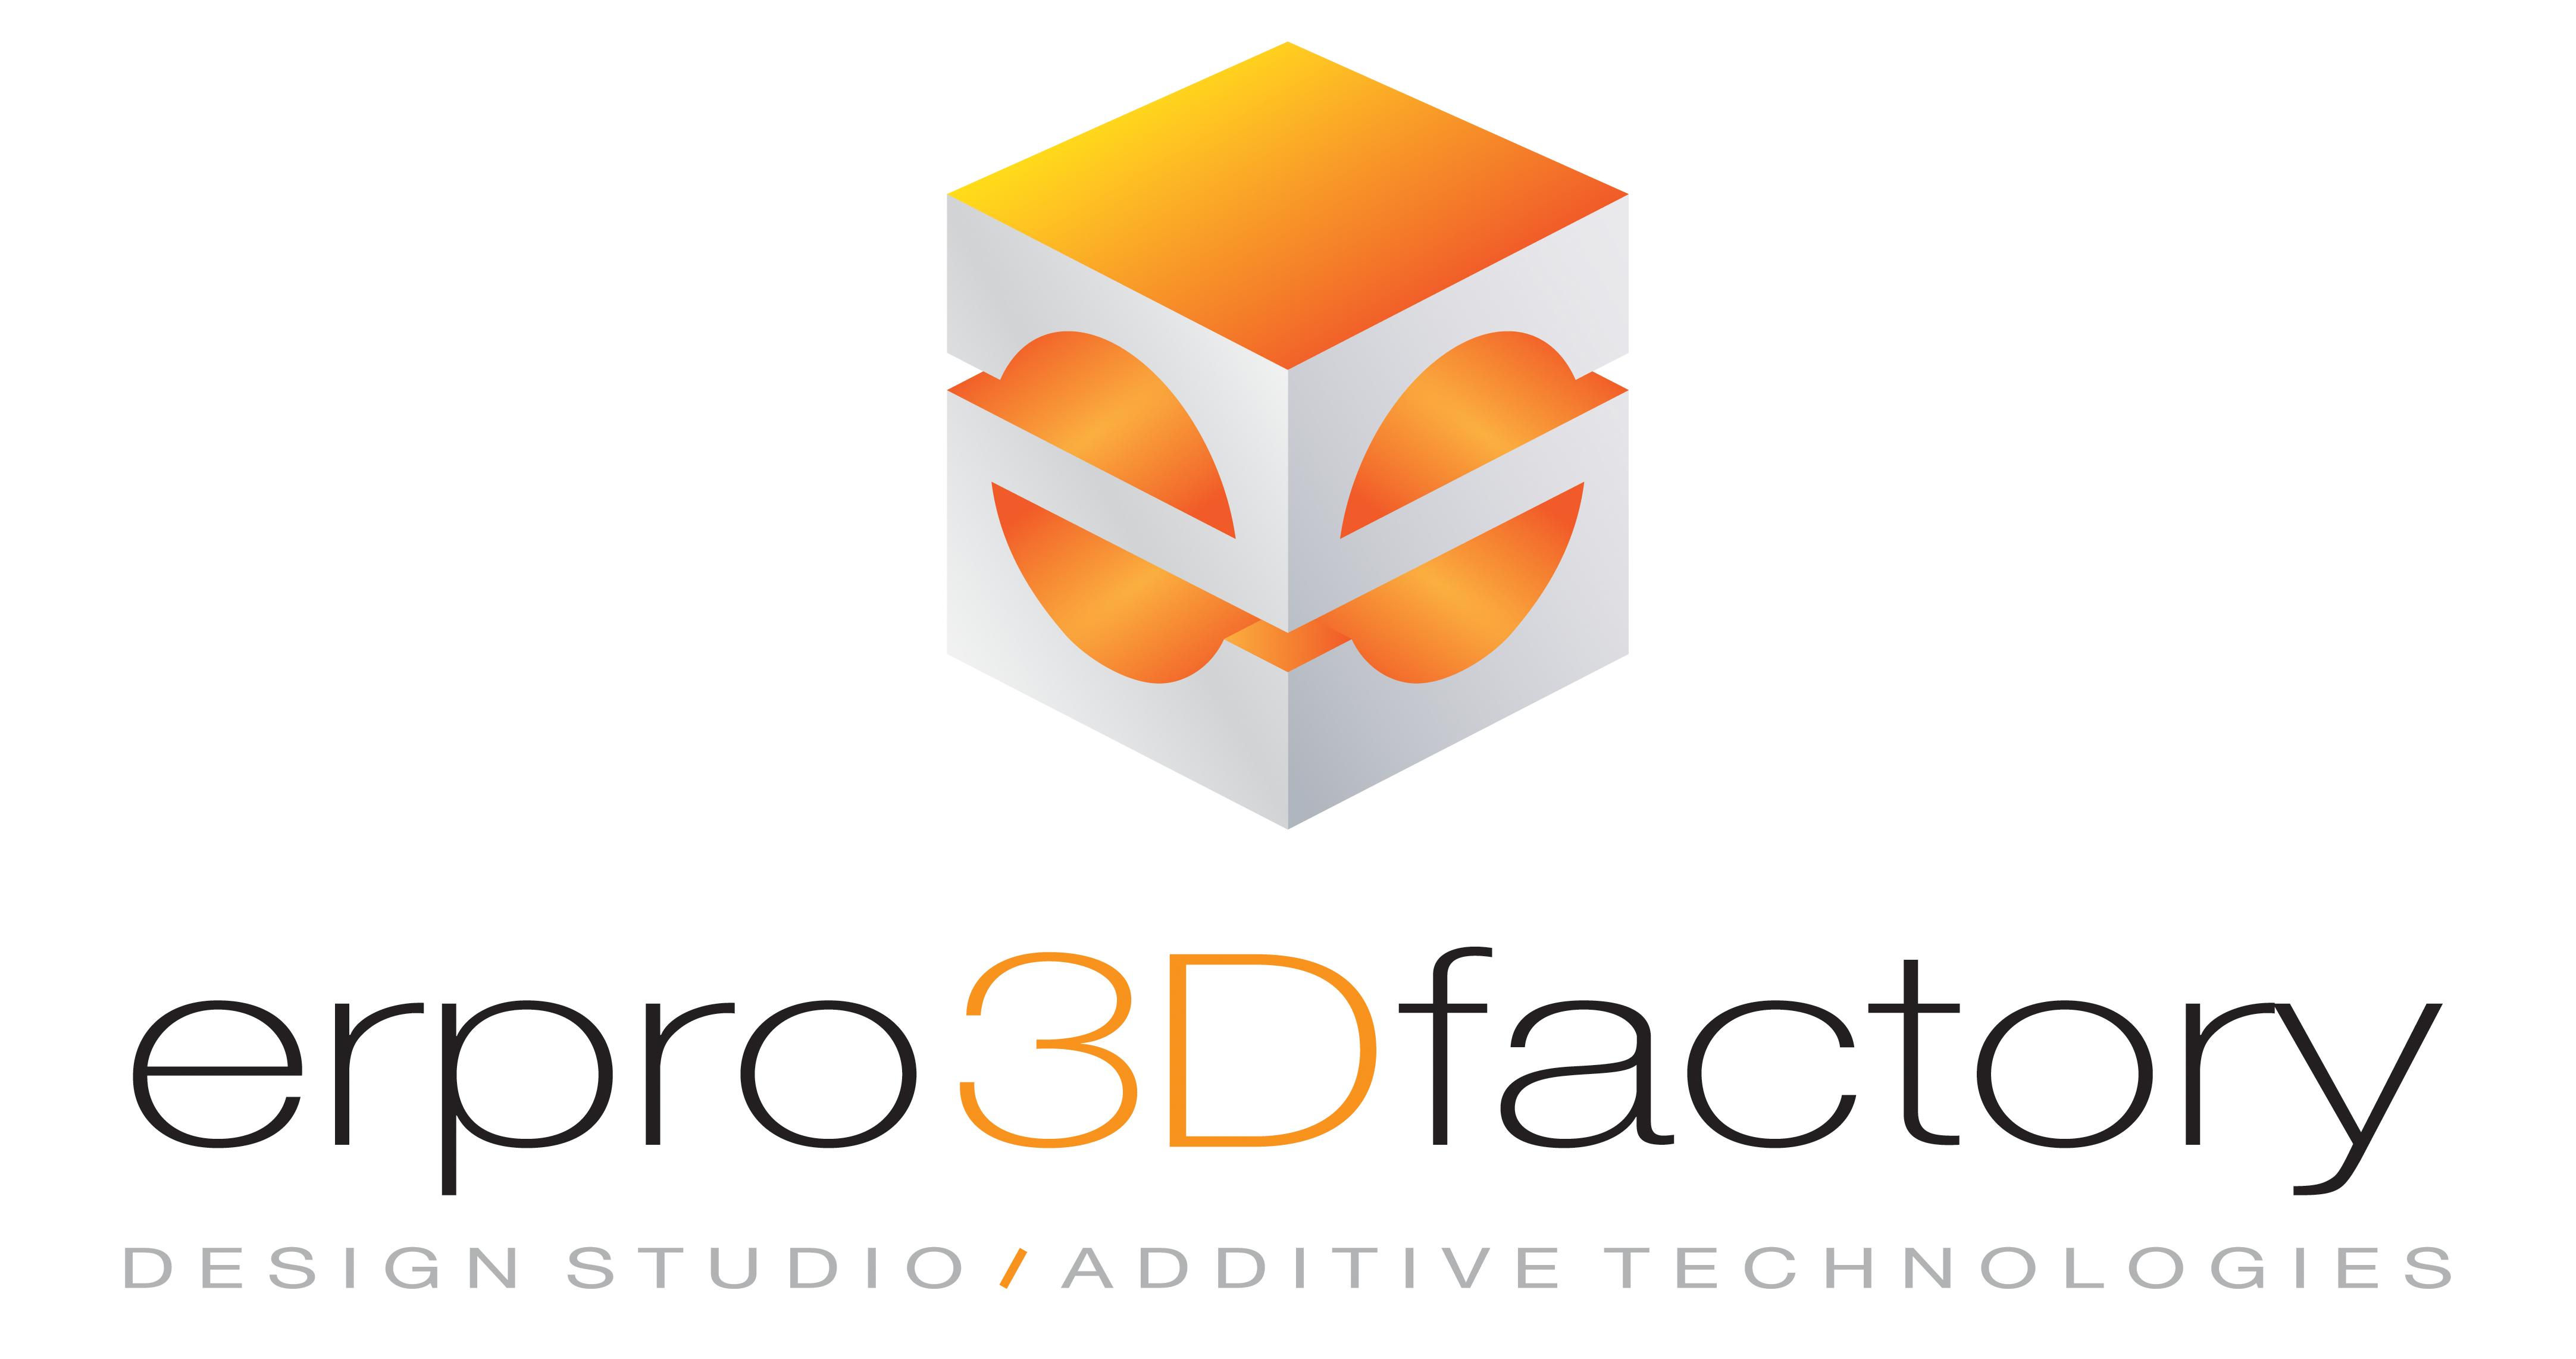 ERPRO 3D FACTORY